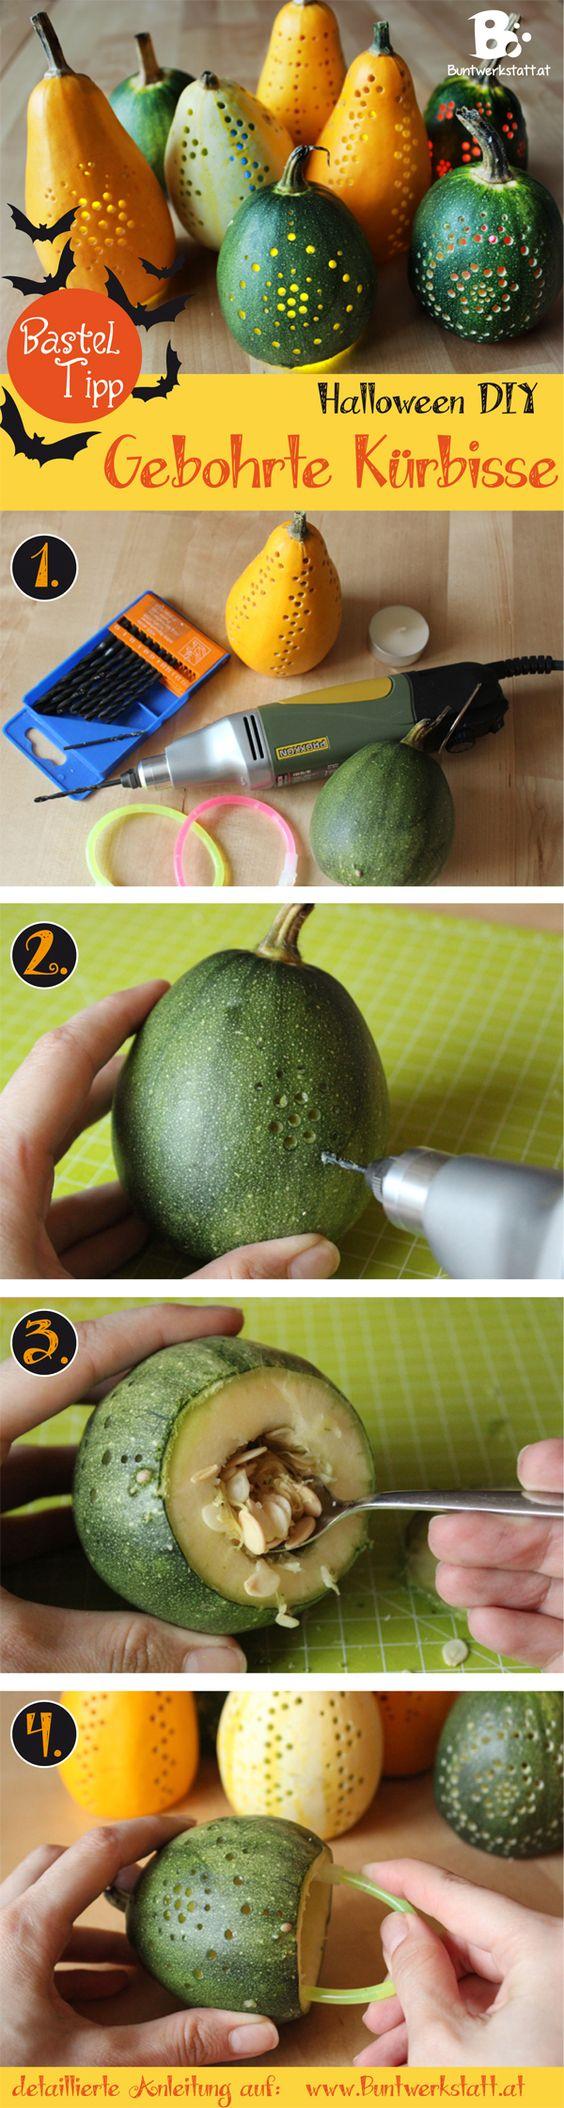 Halloween Kürbis gebohrt! Einfache und dekorative Alternative für geschnitzte Kürbisse! ~ Buntwerkstatt.at